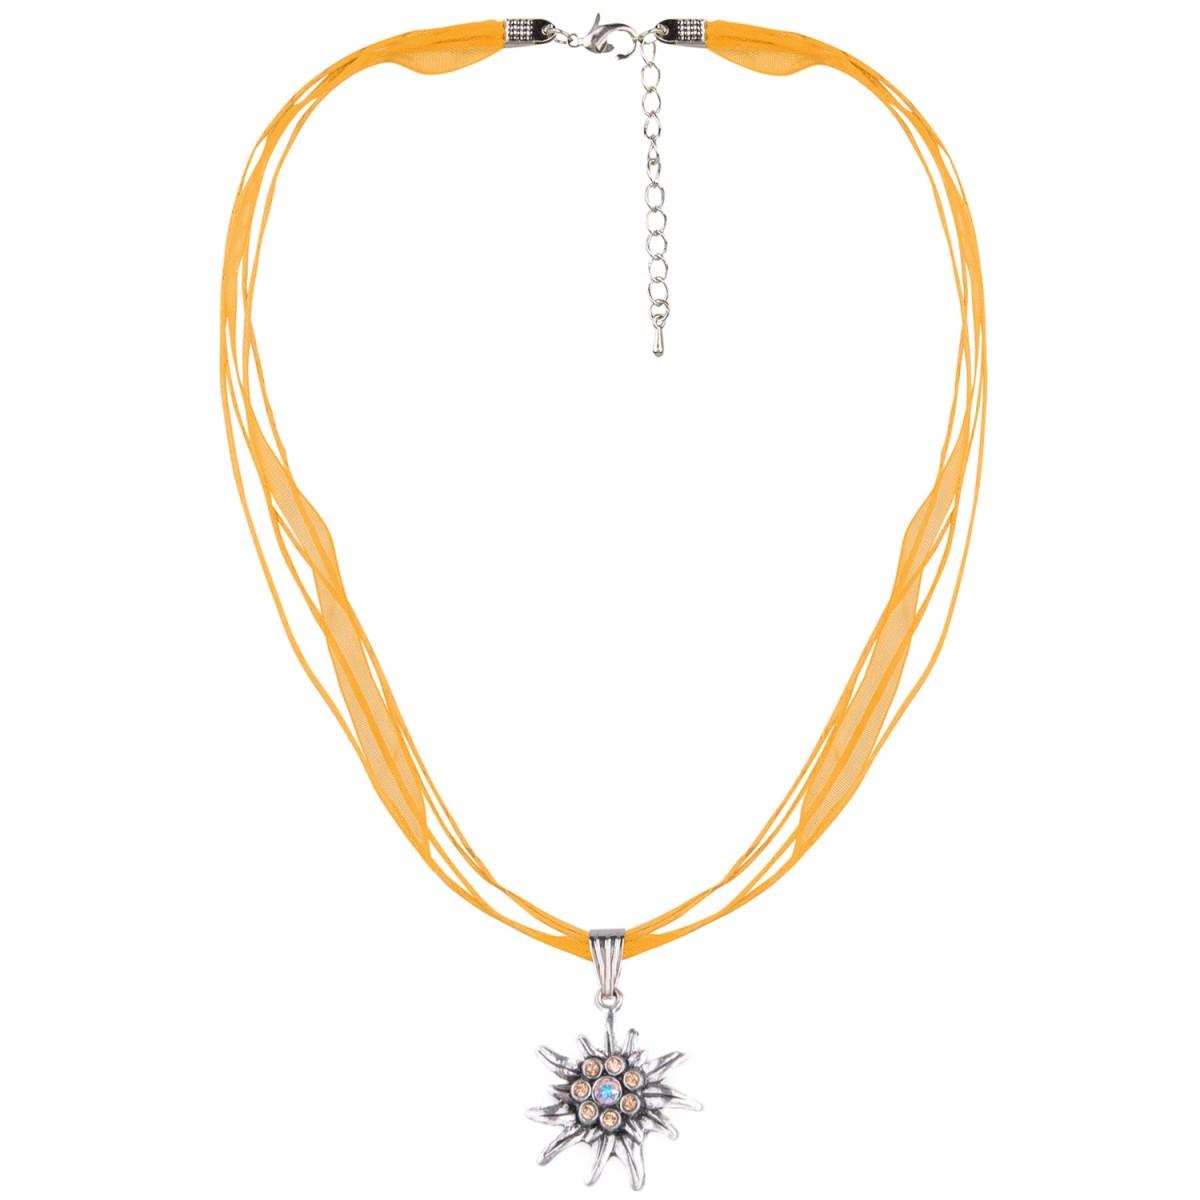 Halskette in Orange mit 4 Bändern mit Edelweiß von Schlick Accessoires günstig online kaufen